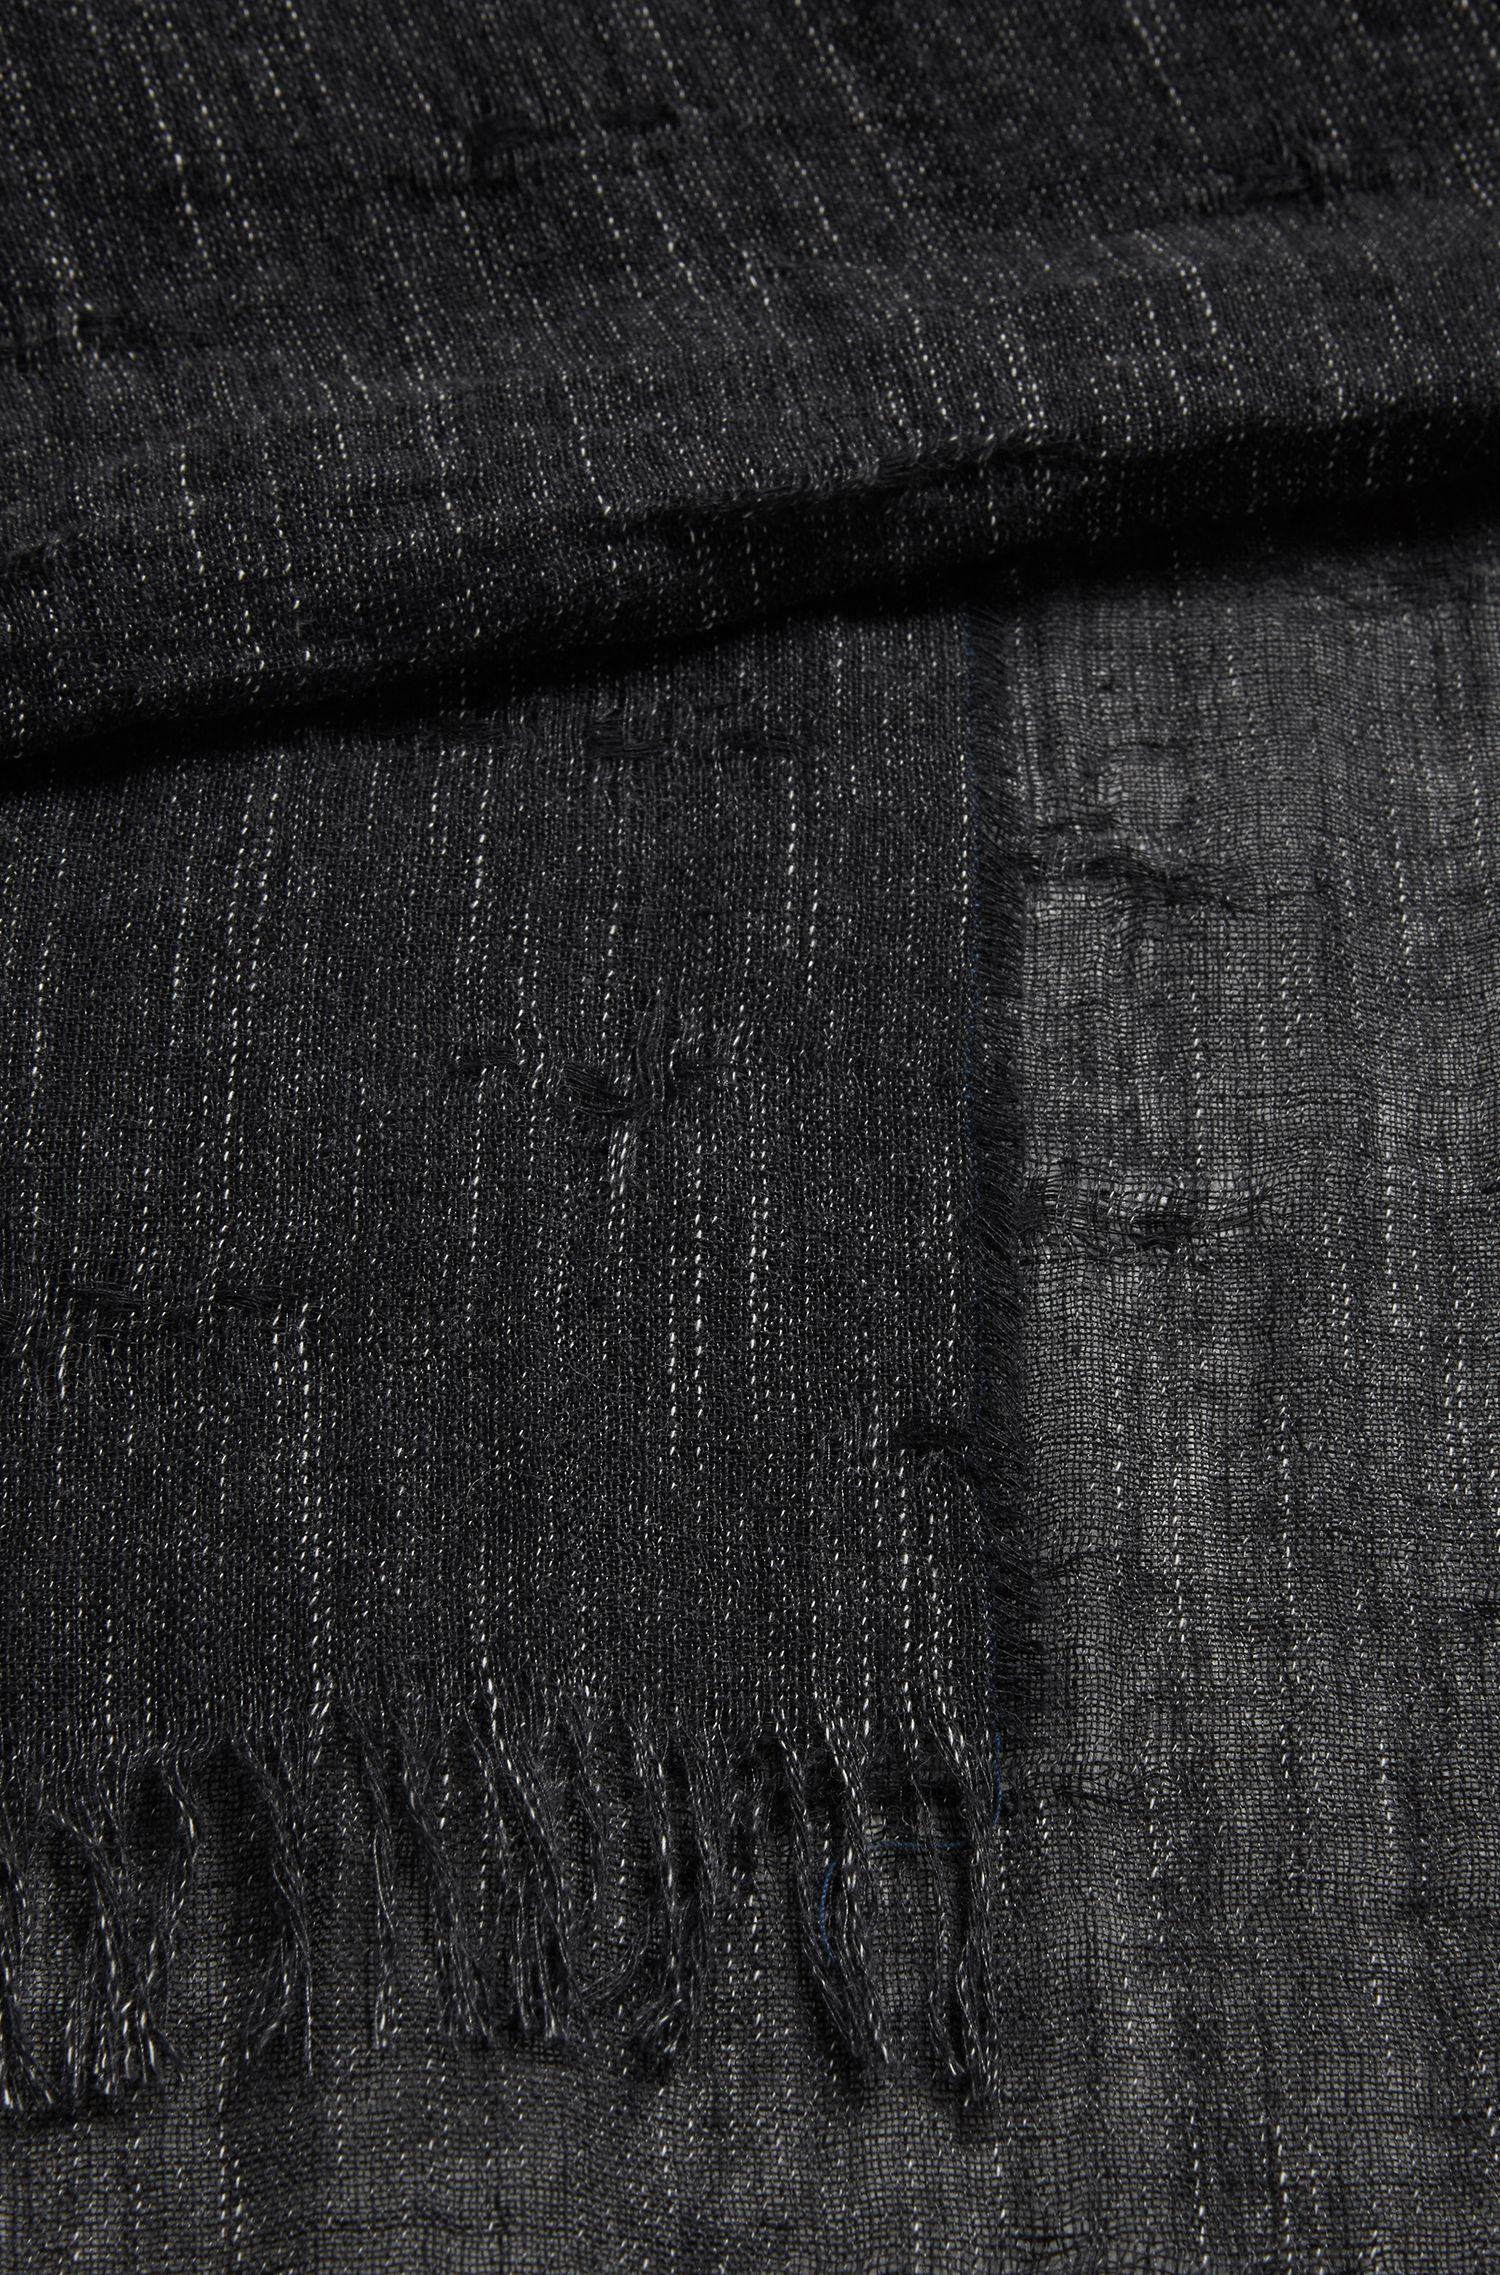 Stretch Cotton-Linen Blend Scarf | Nefy, Black